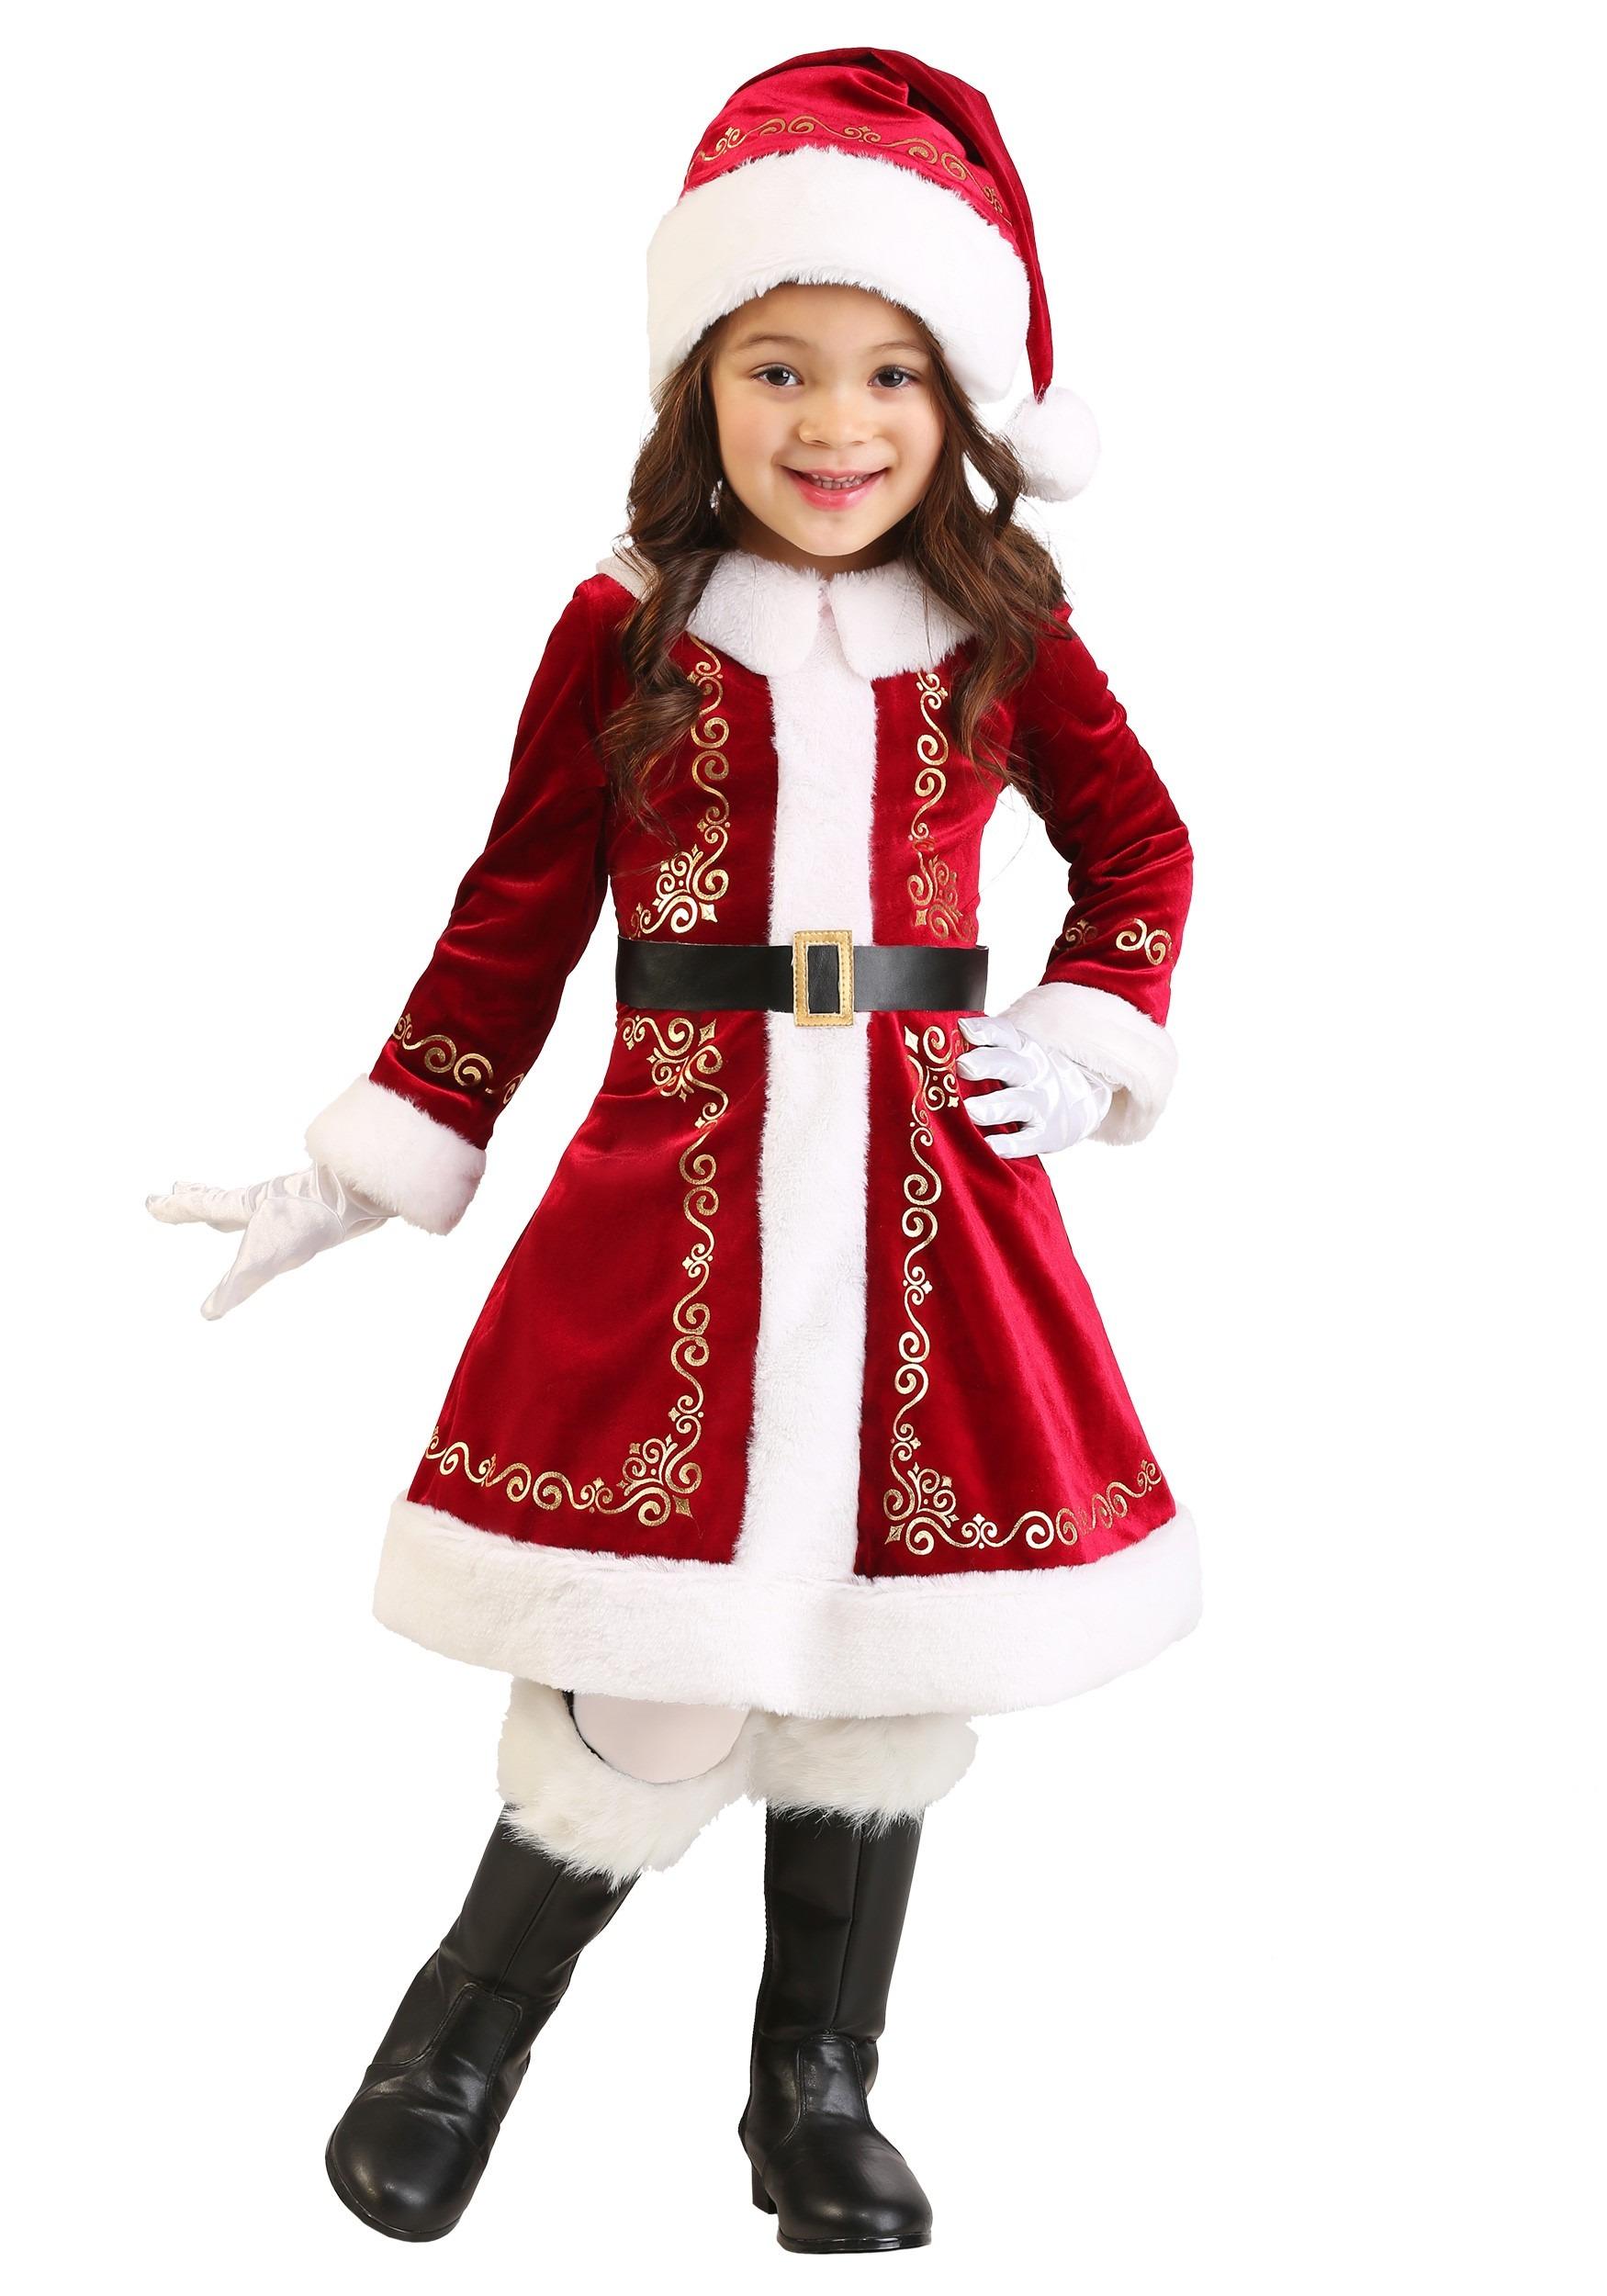 7cec26f7fce34 Toddler Girl s Santa Dress Costume